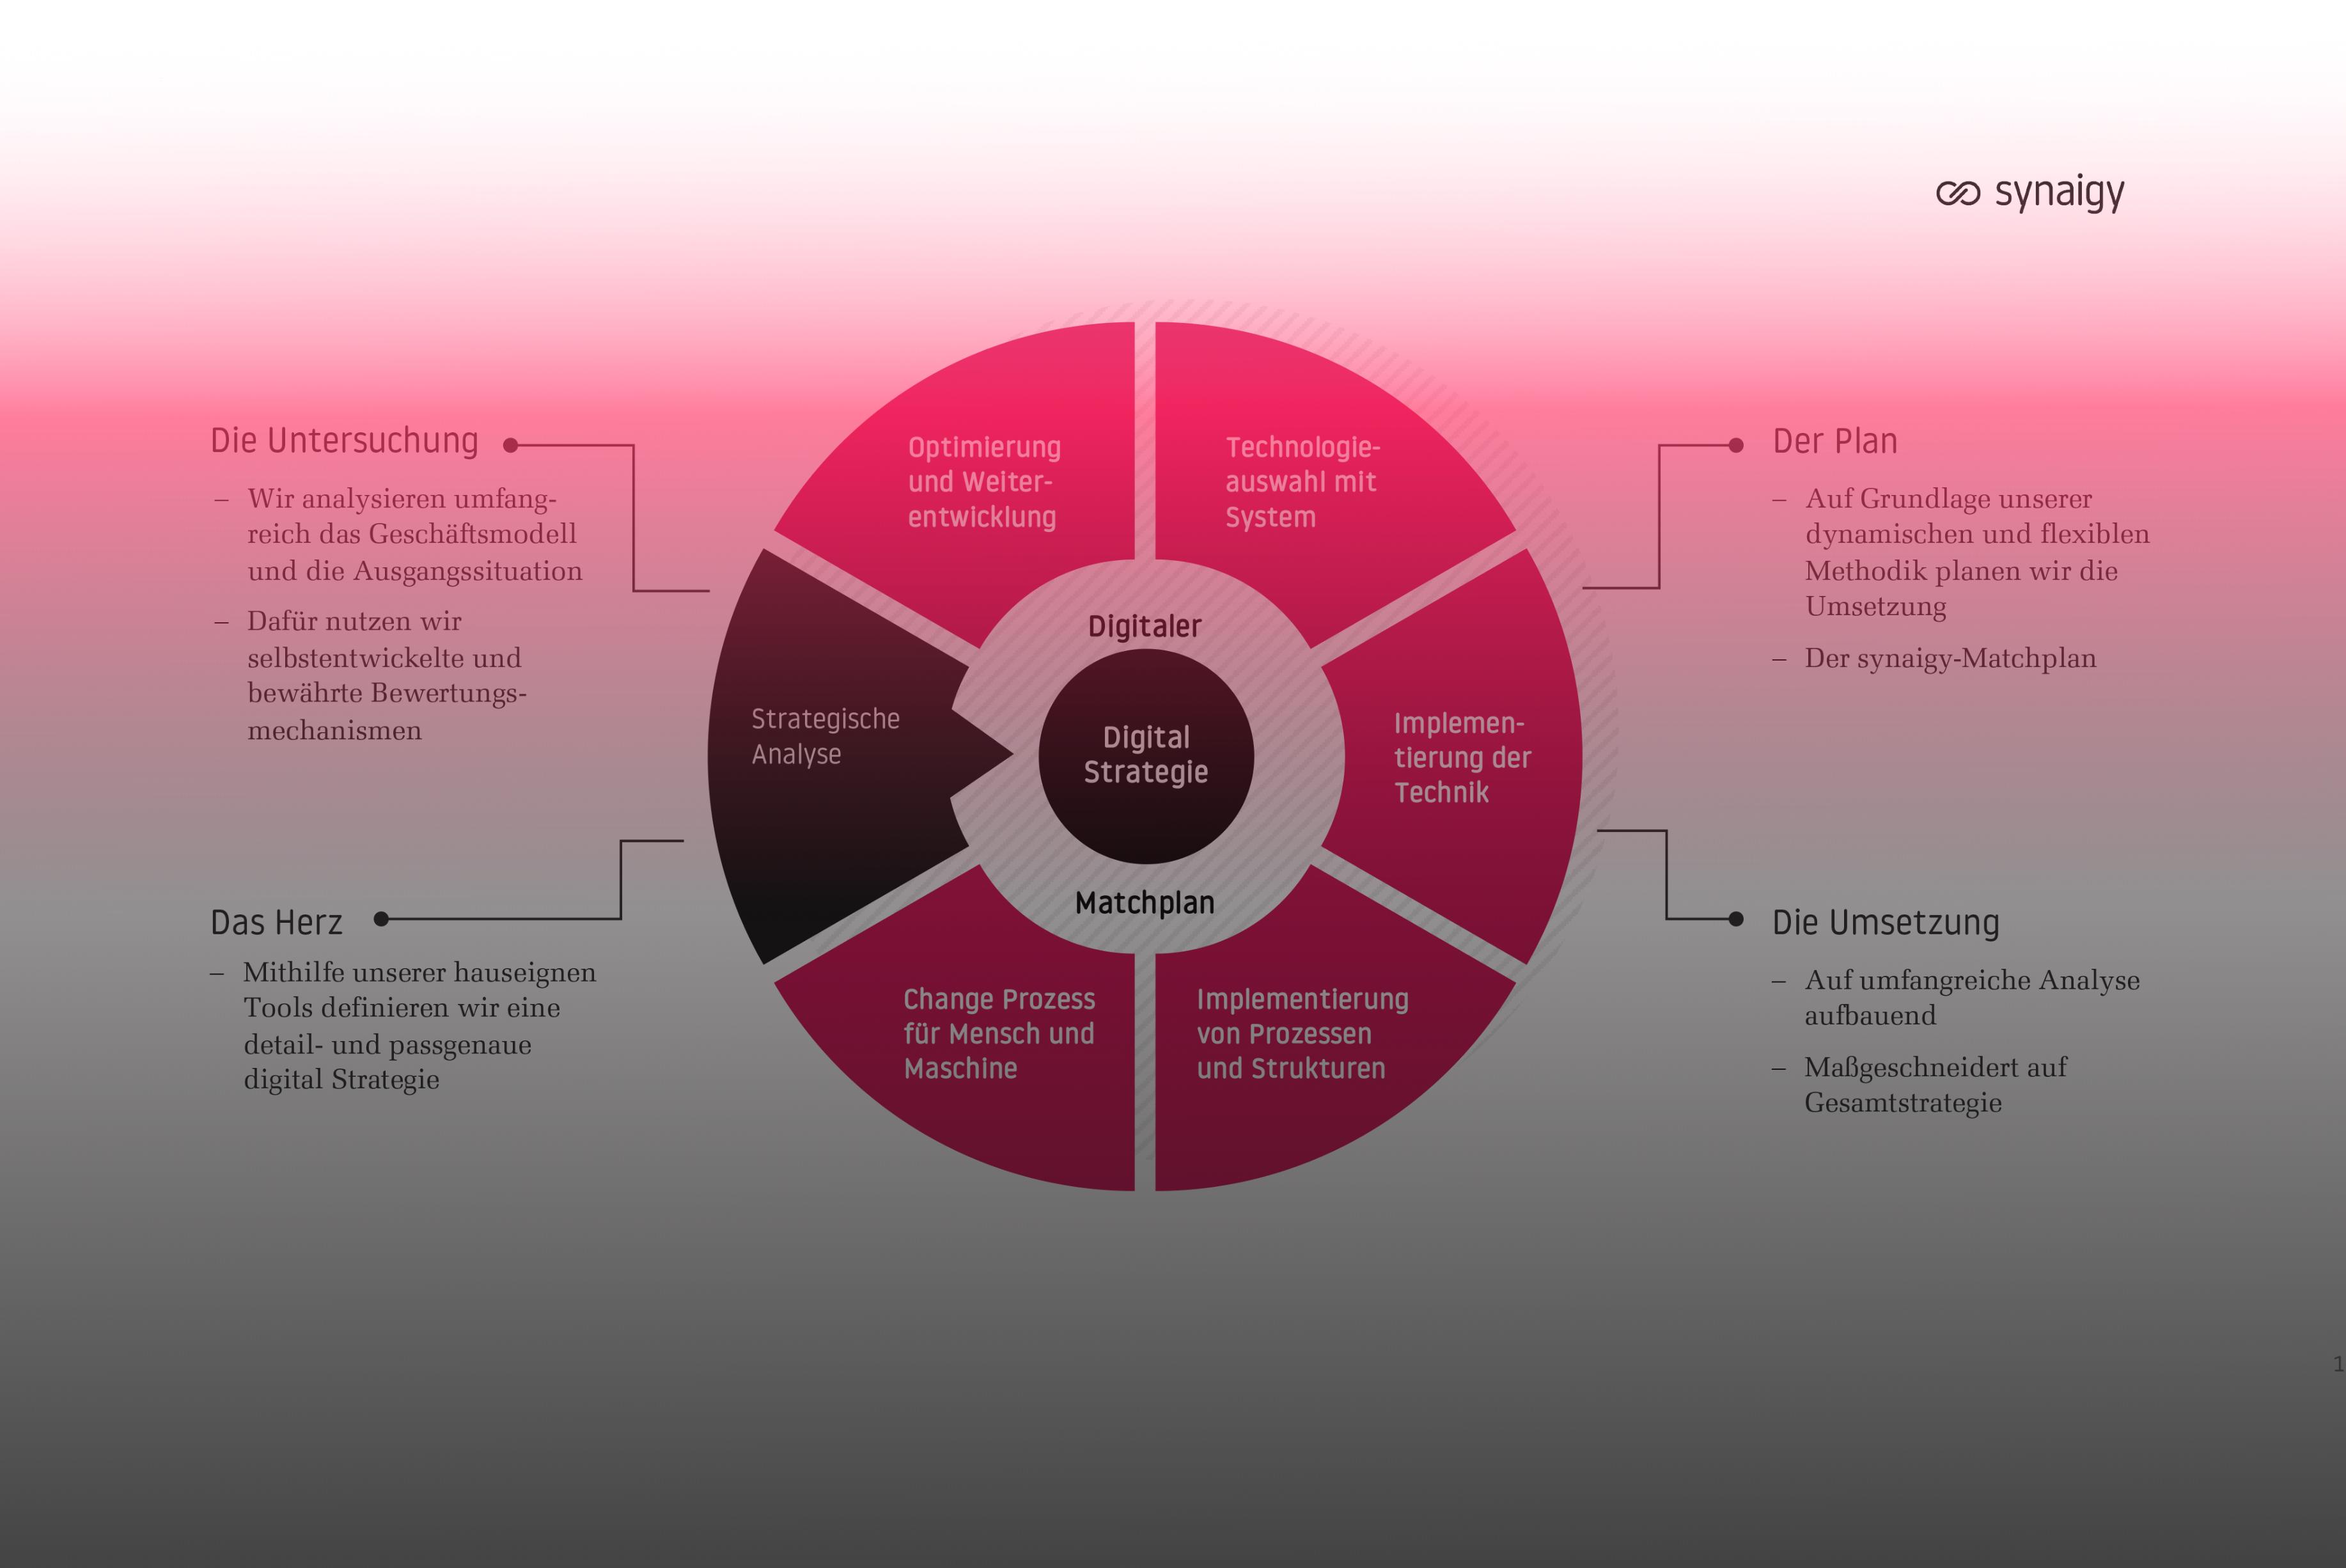 Der synaigy Matchplan – Ihr Navigationsgerät in die Zukunft